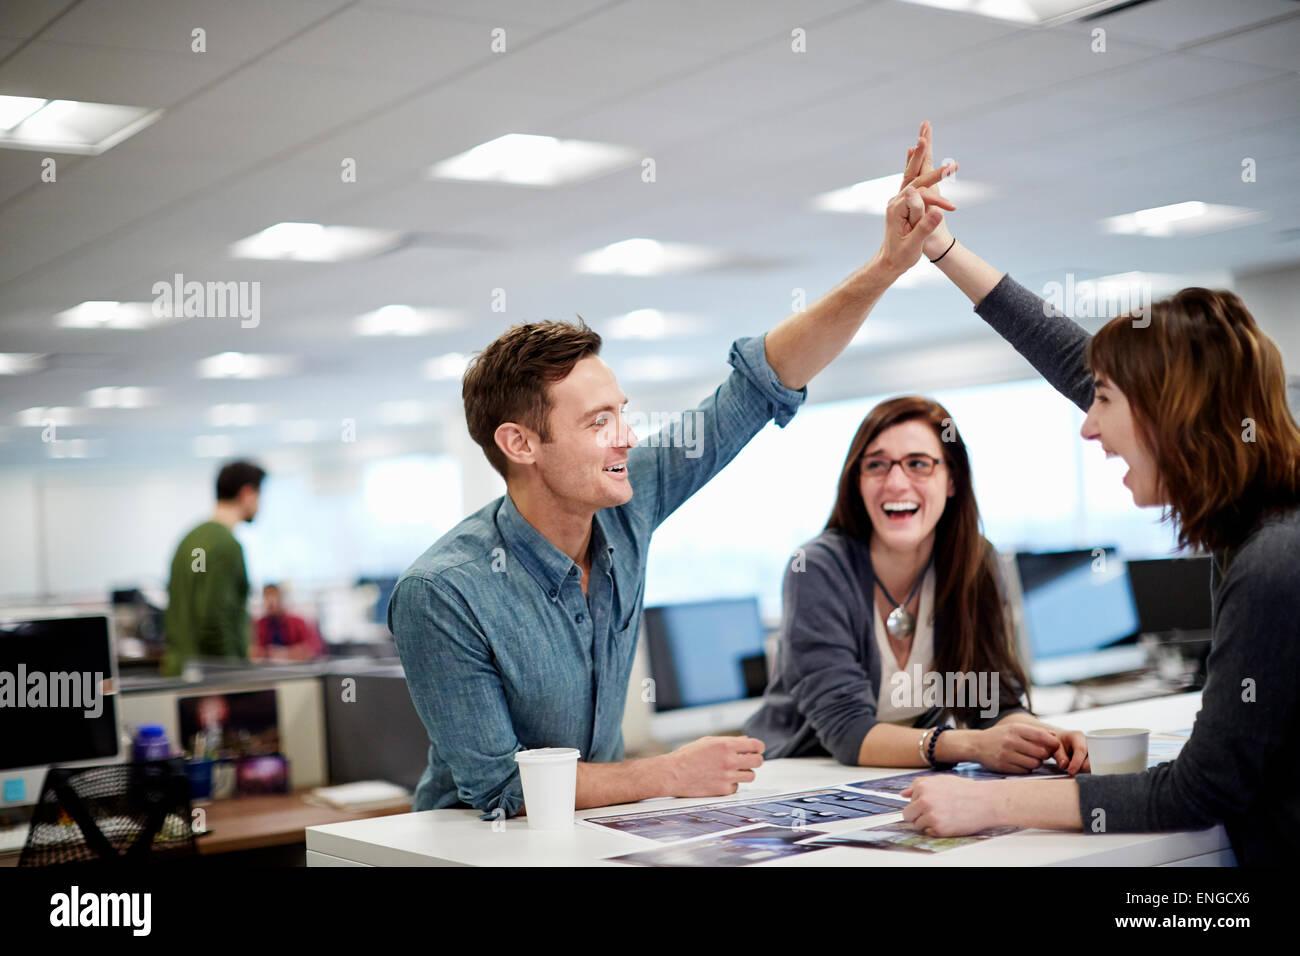 Tre persone in un ufficio guardando le fotografie e rendere un alto cinque gesto. Immagini Stock